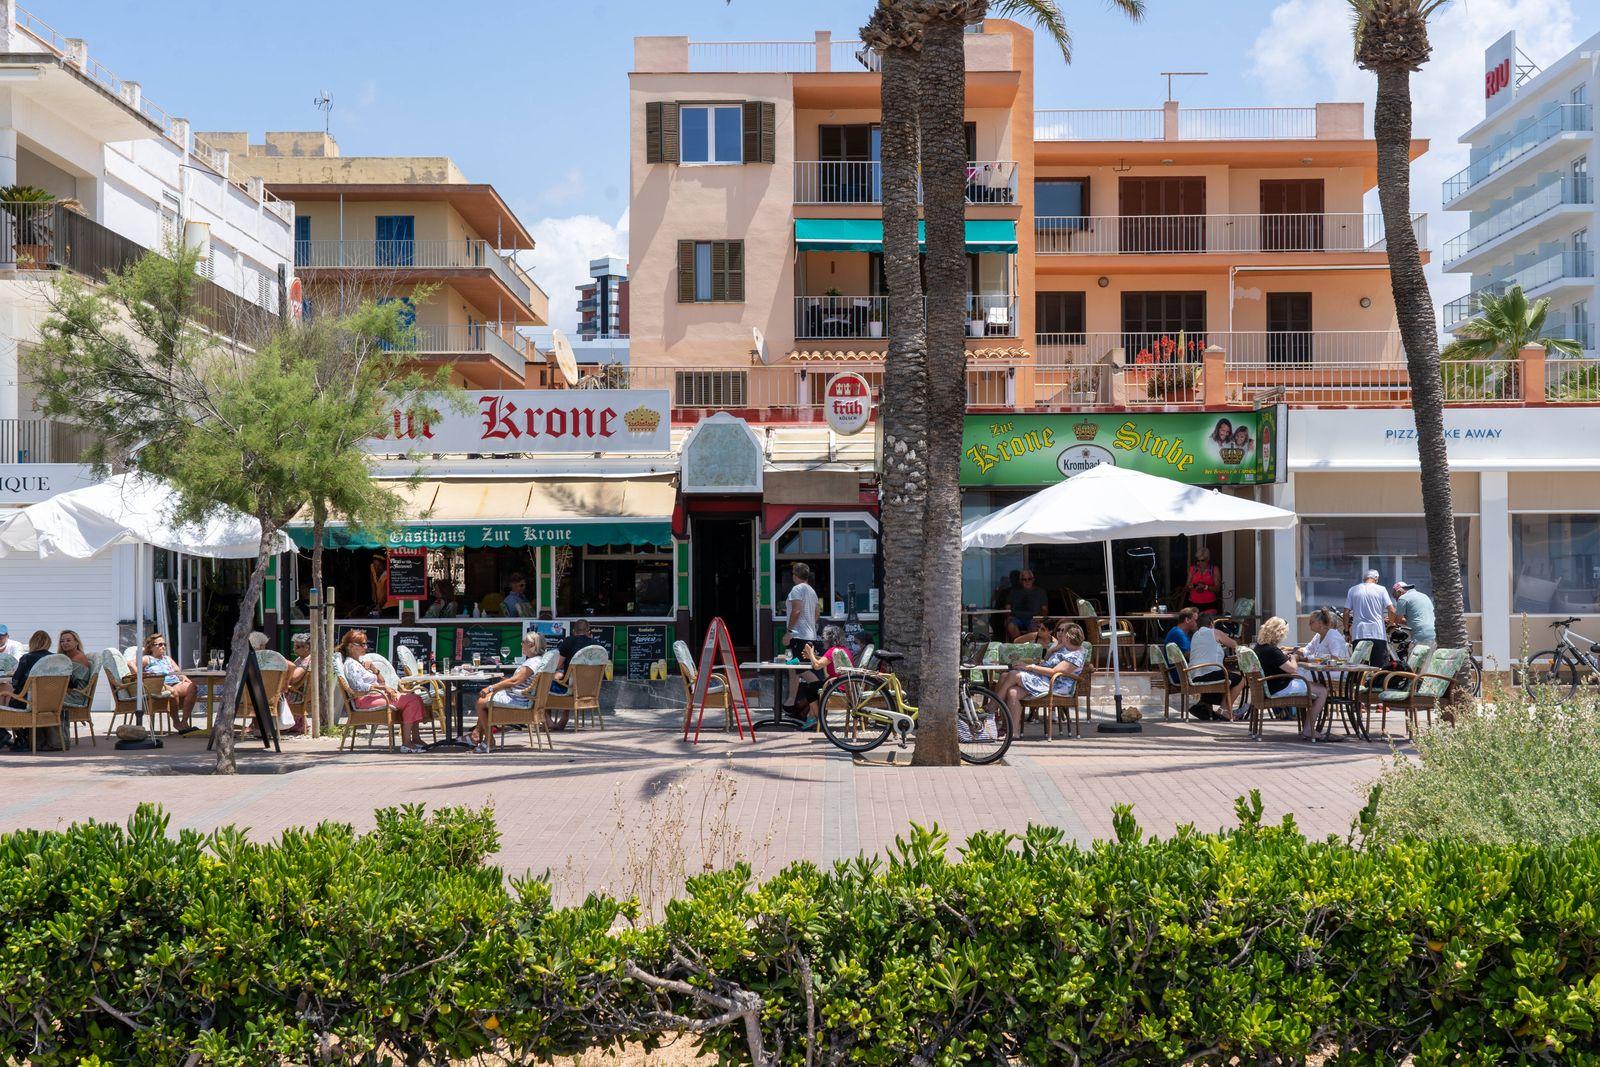 Nach dem Corona-Shutdown - Vor dem Neustart des Tourismus auf Mallorca Spanien Szenen aus Playa de Palma - erste deutsch